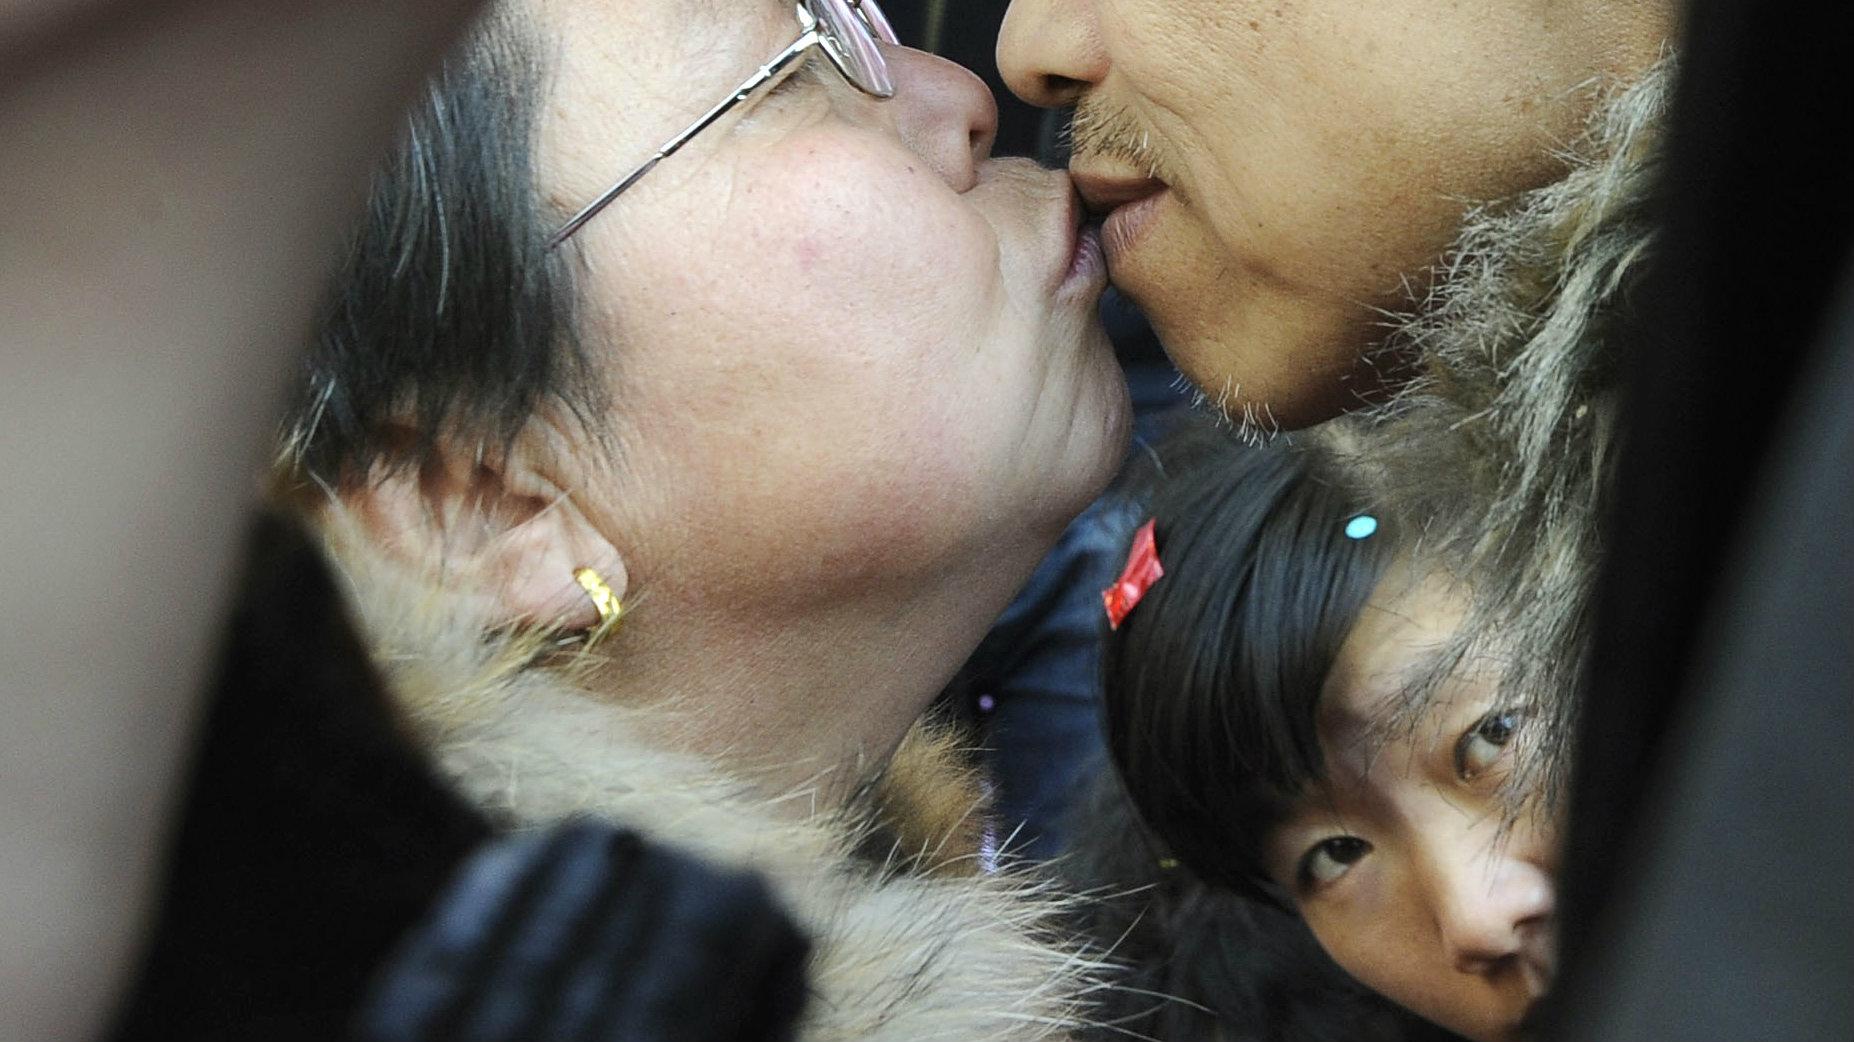 Kissing cultures